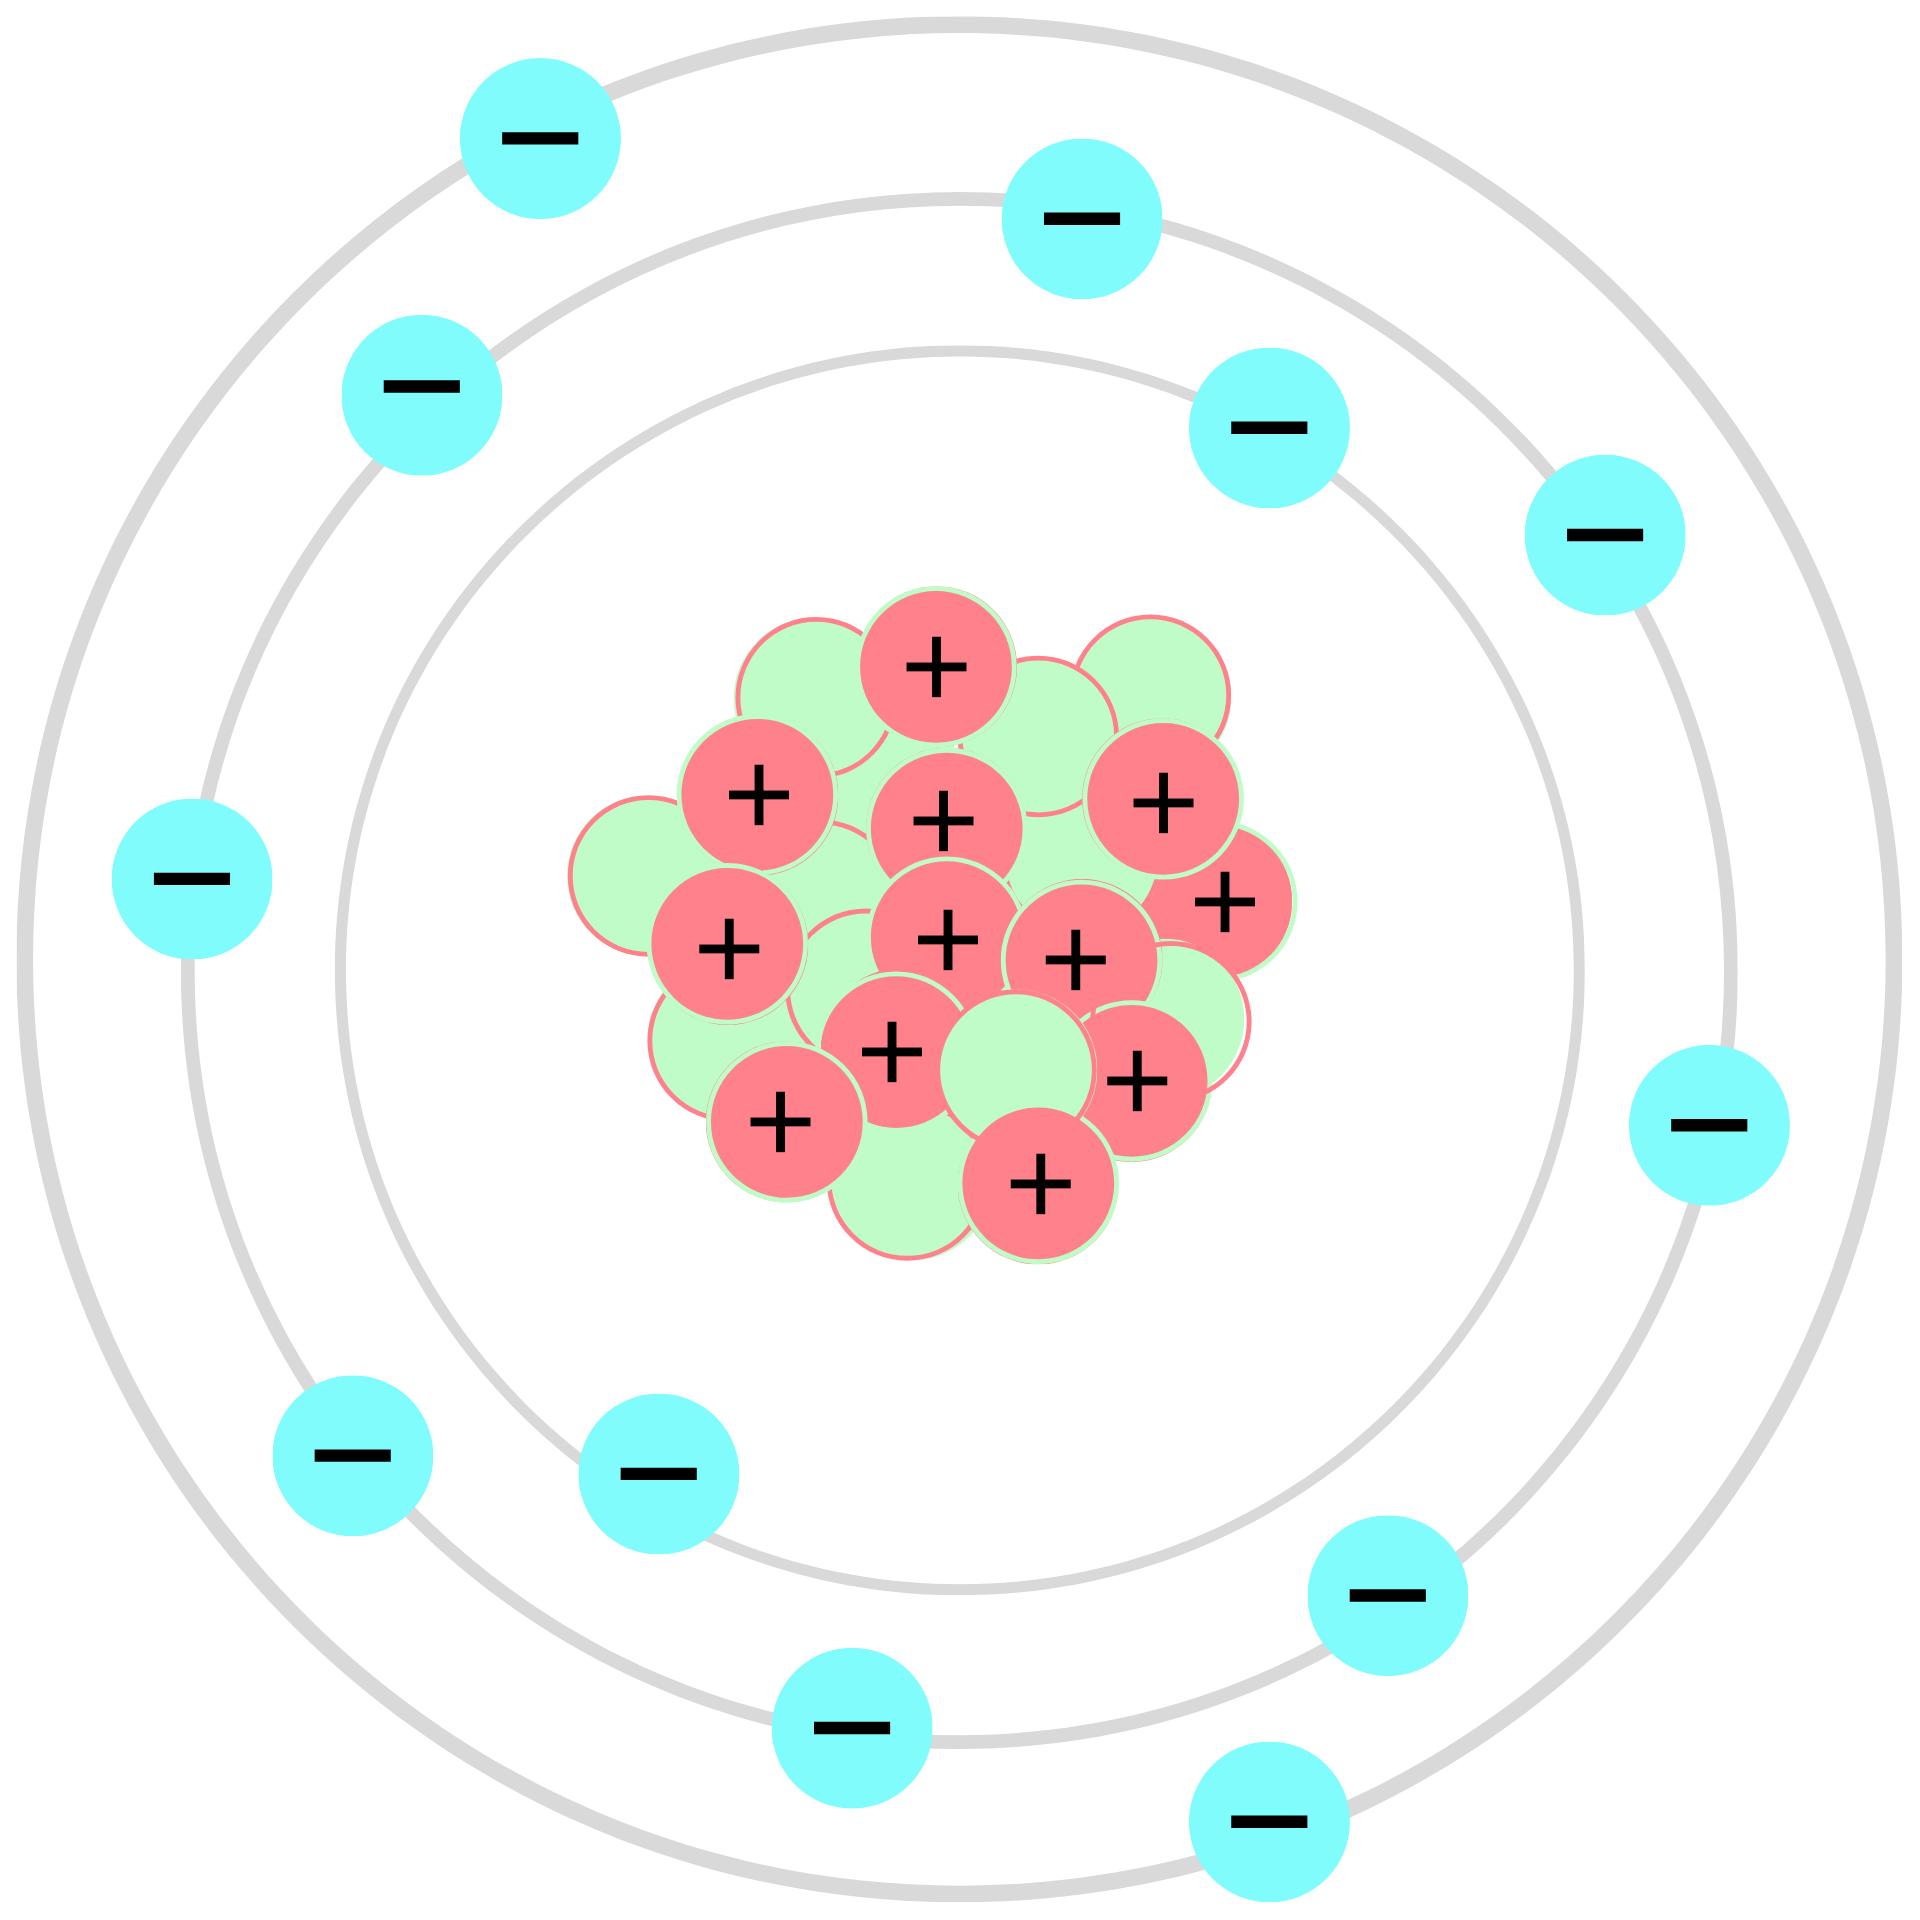 Modelo atómico de Bohr (Primaria-Secundaria)